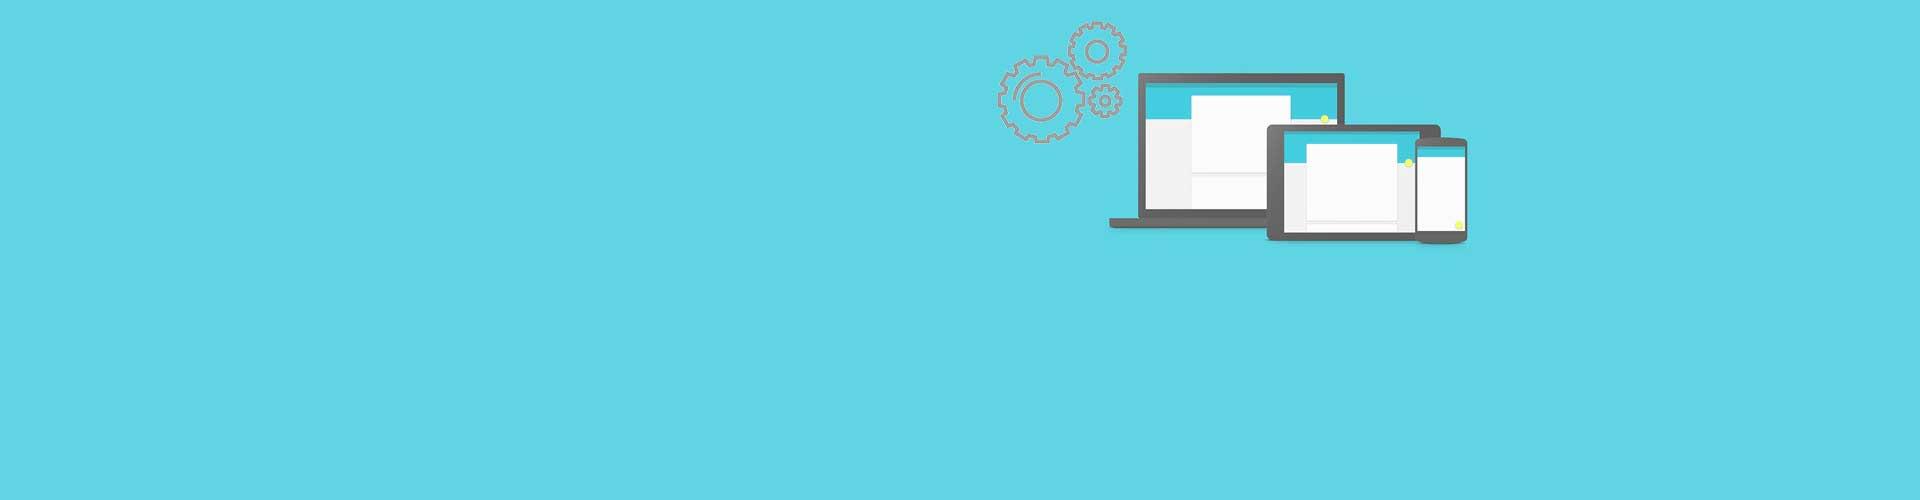 web hosting piani tariffari